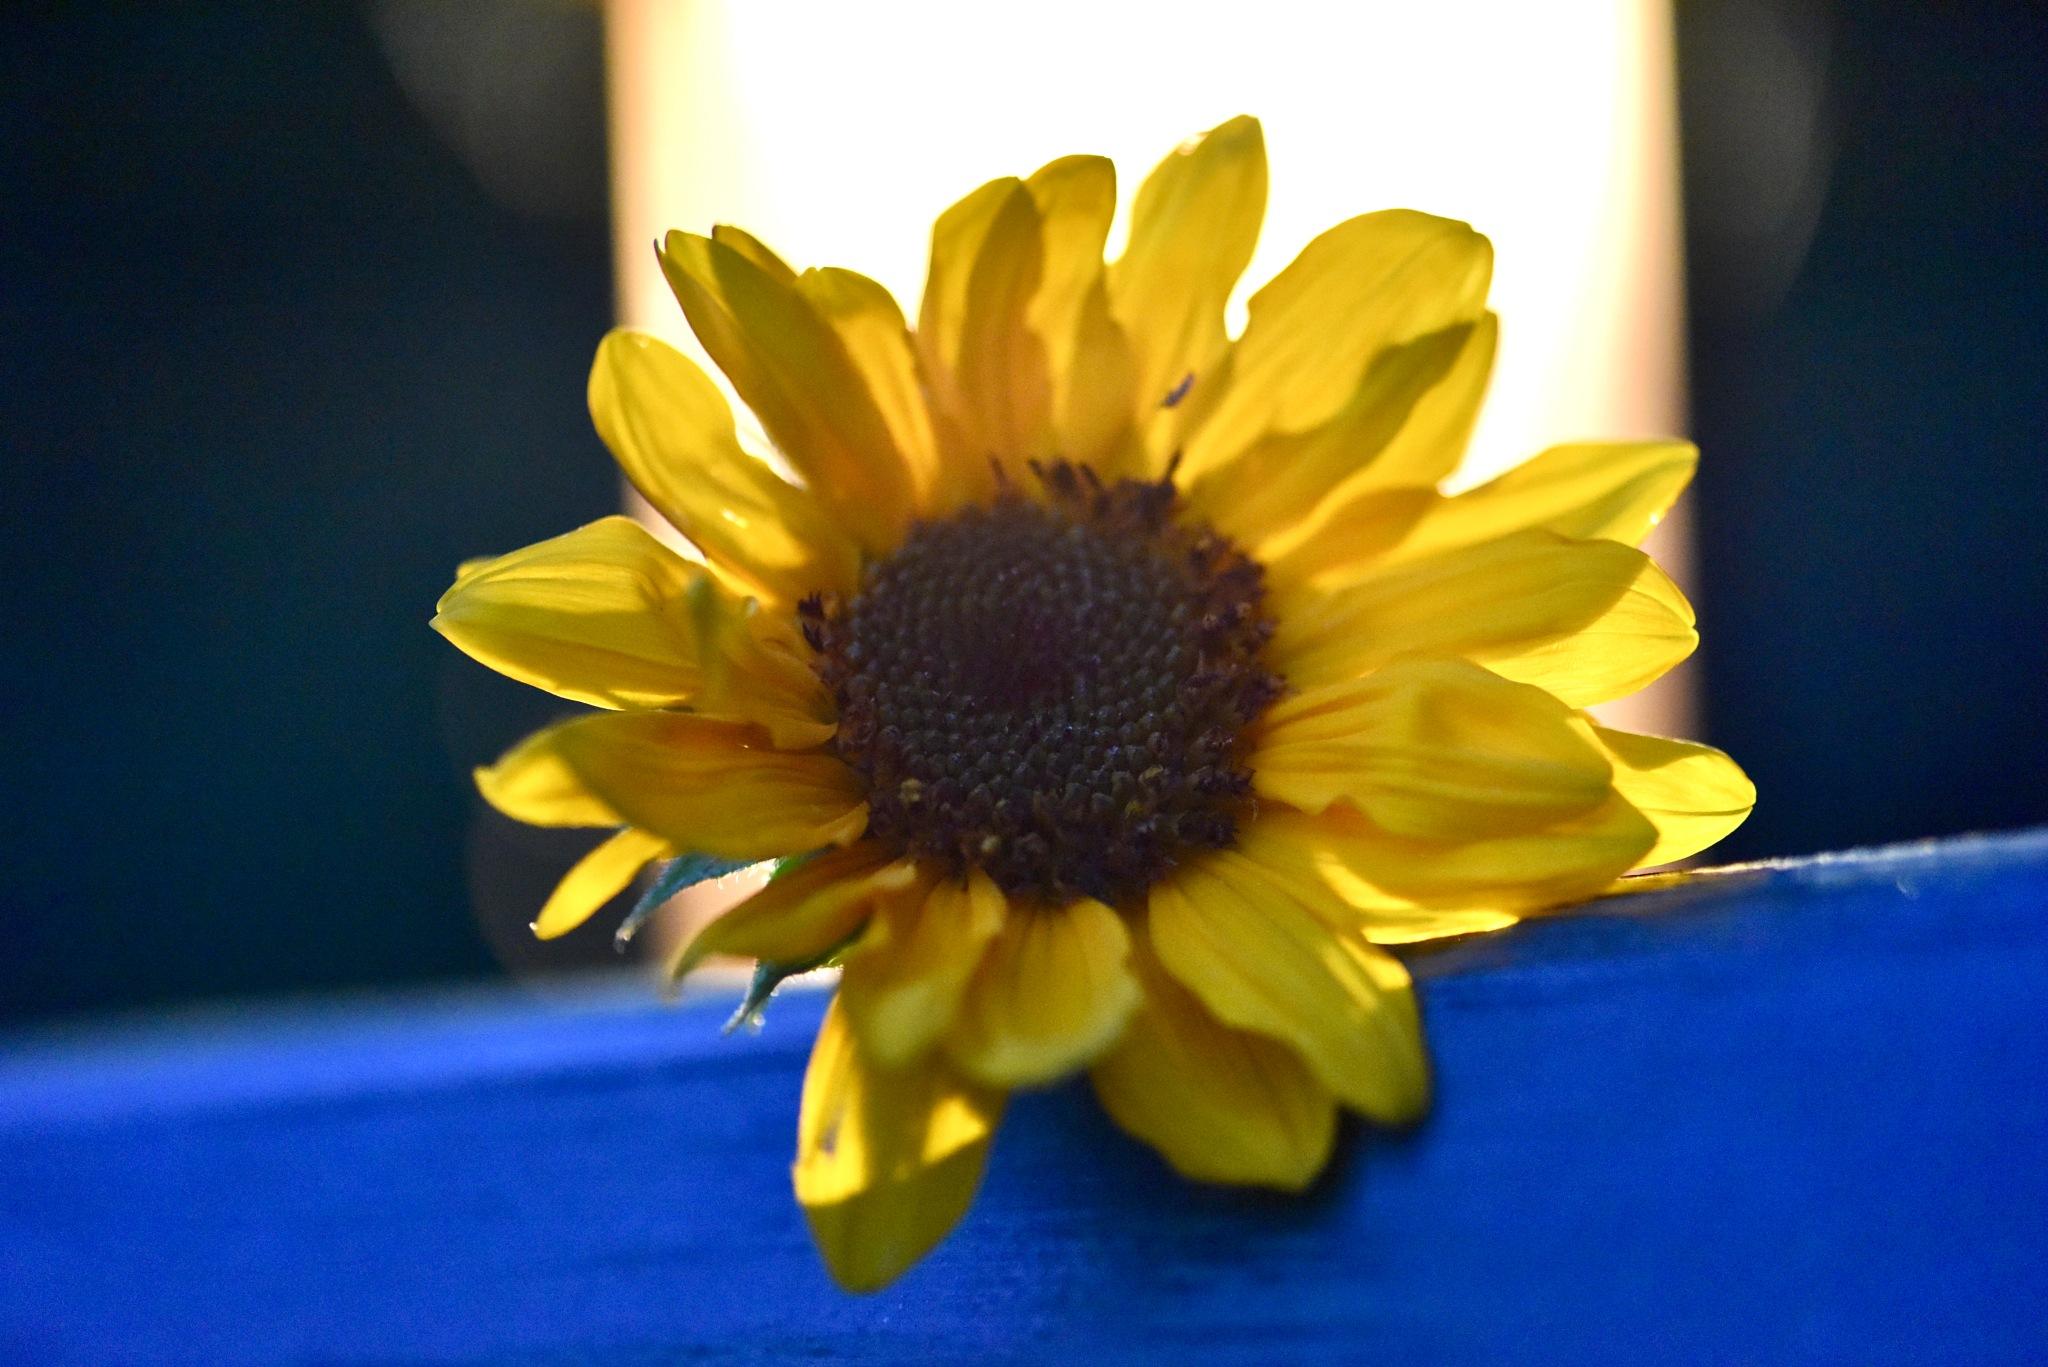 Sunflower 6! by Memed Bayatli